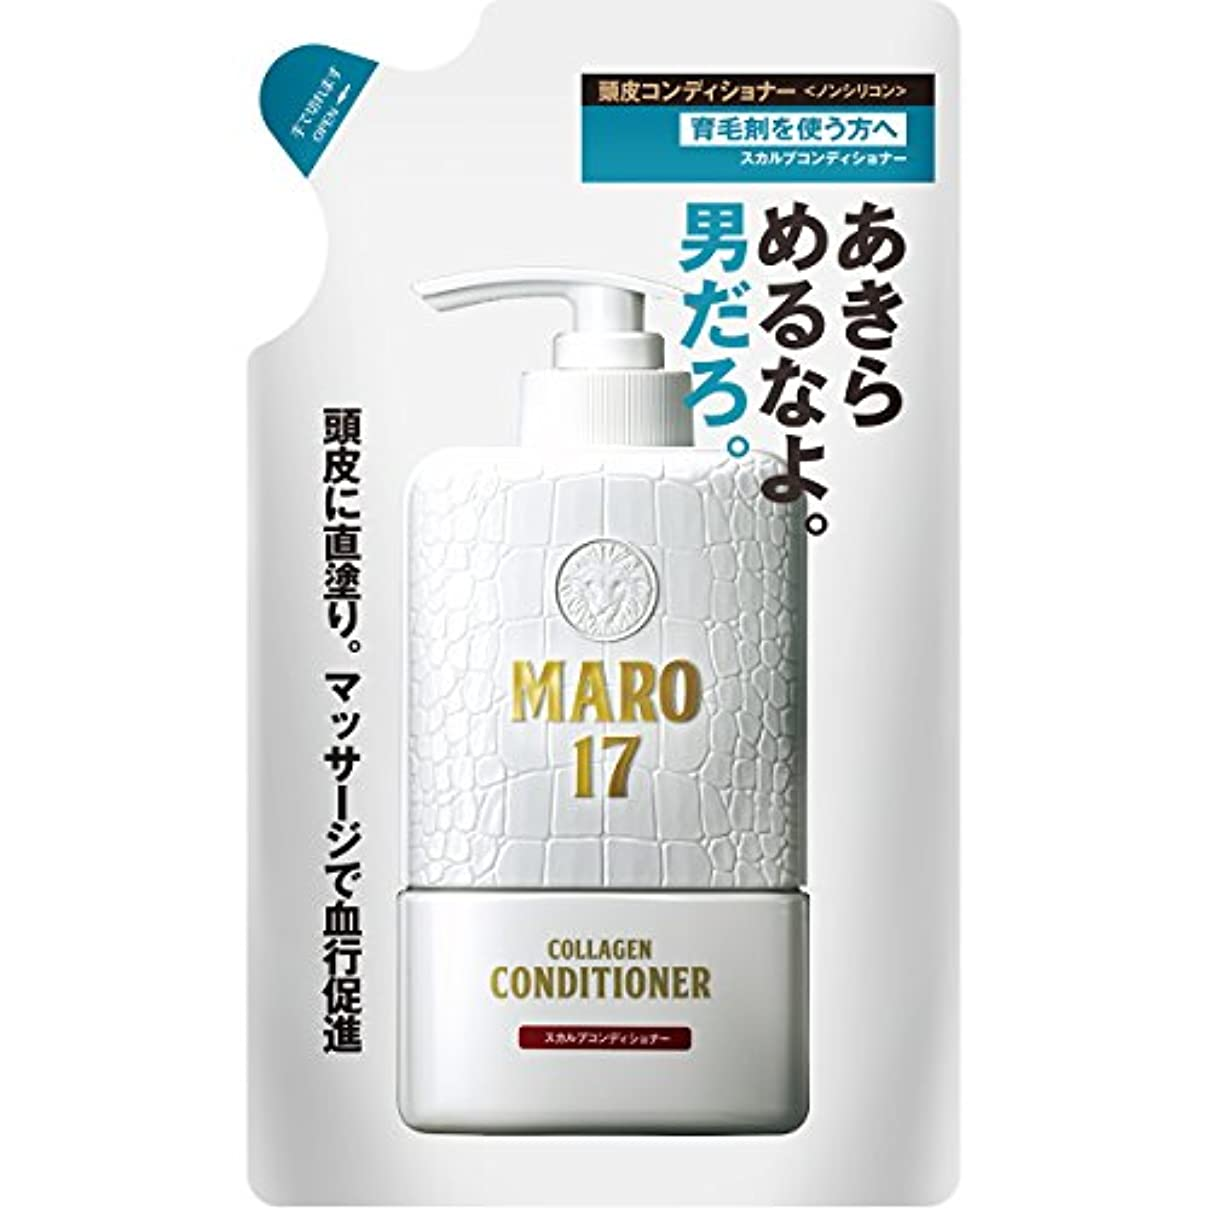 魅力インシュレータ添付MARO17 スカルプコンディショナー 詰め替え 300ml